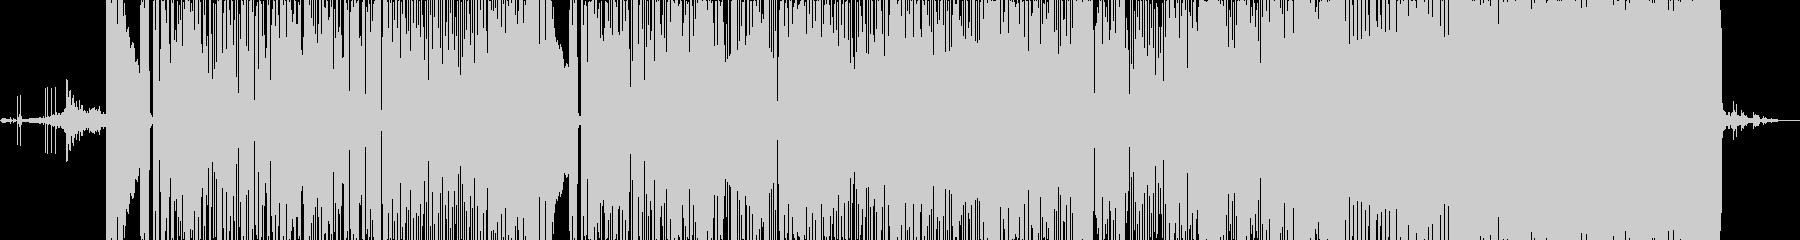 ルードレディオの未再生の波形